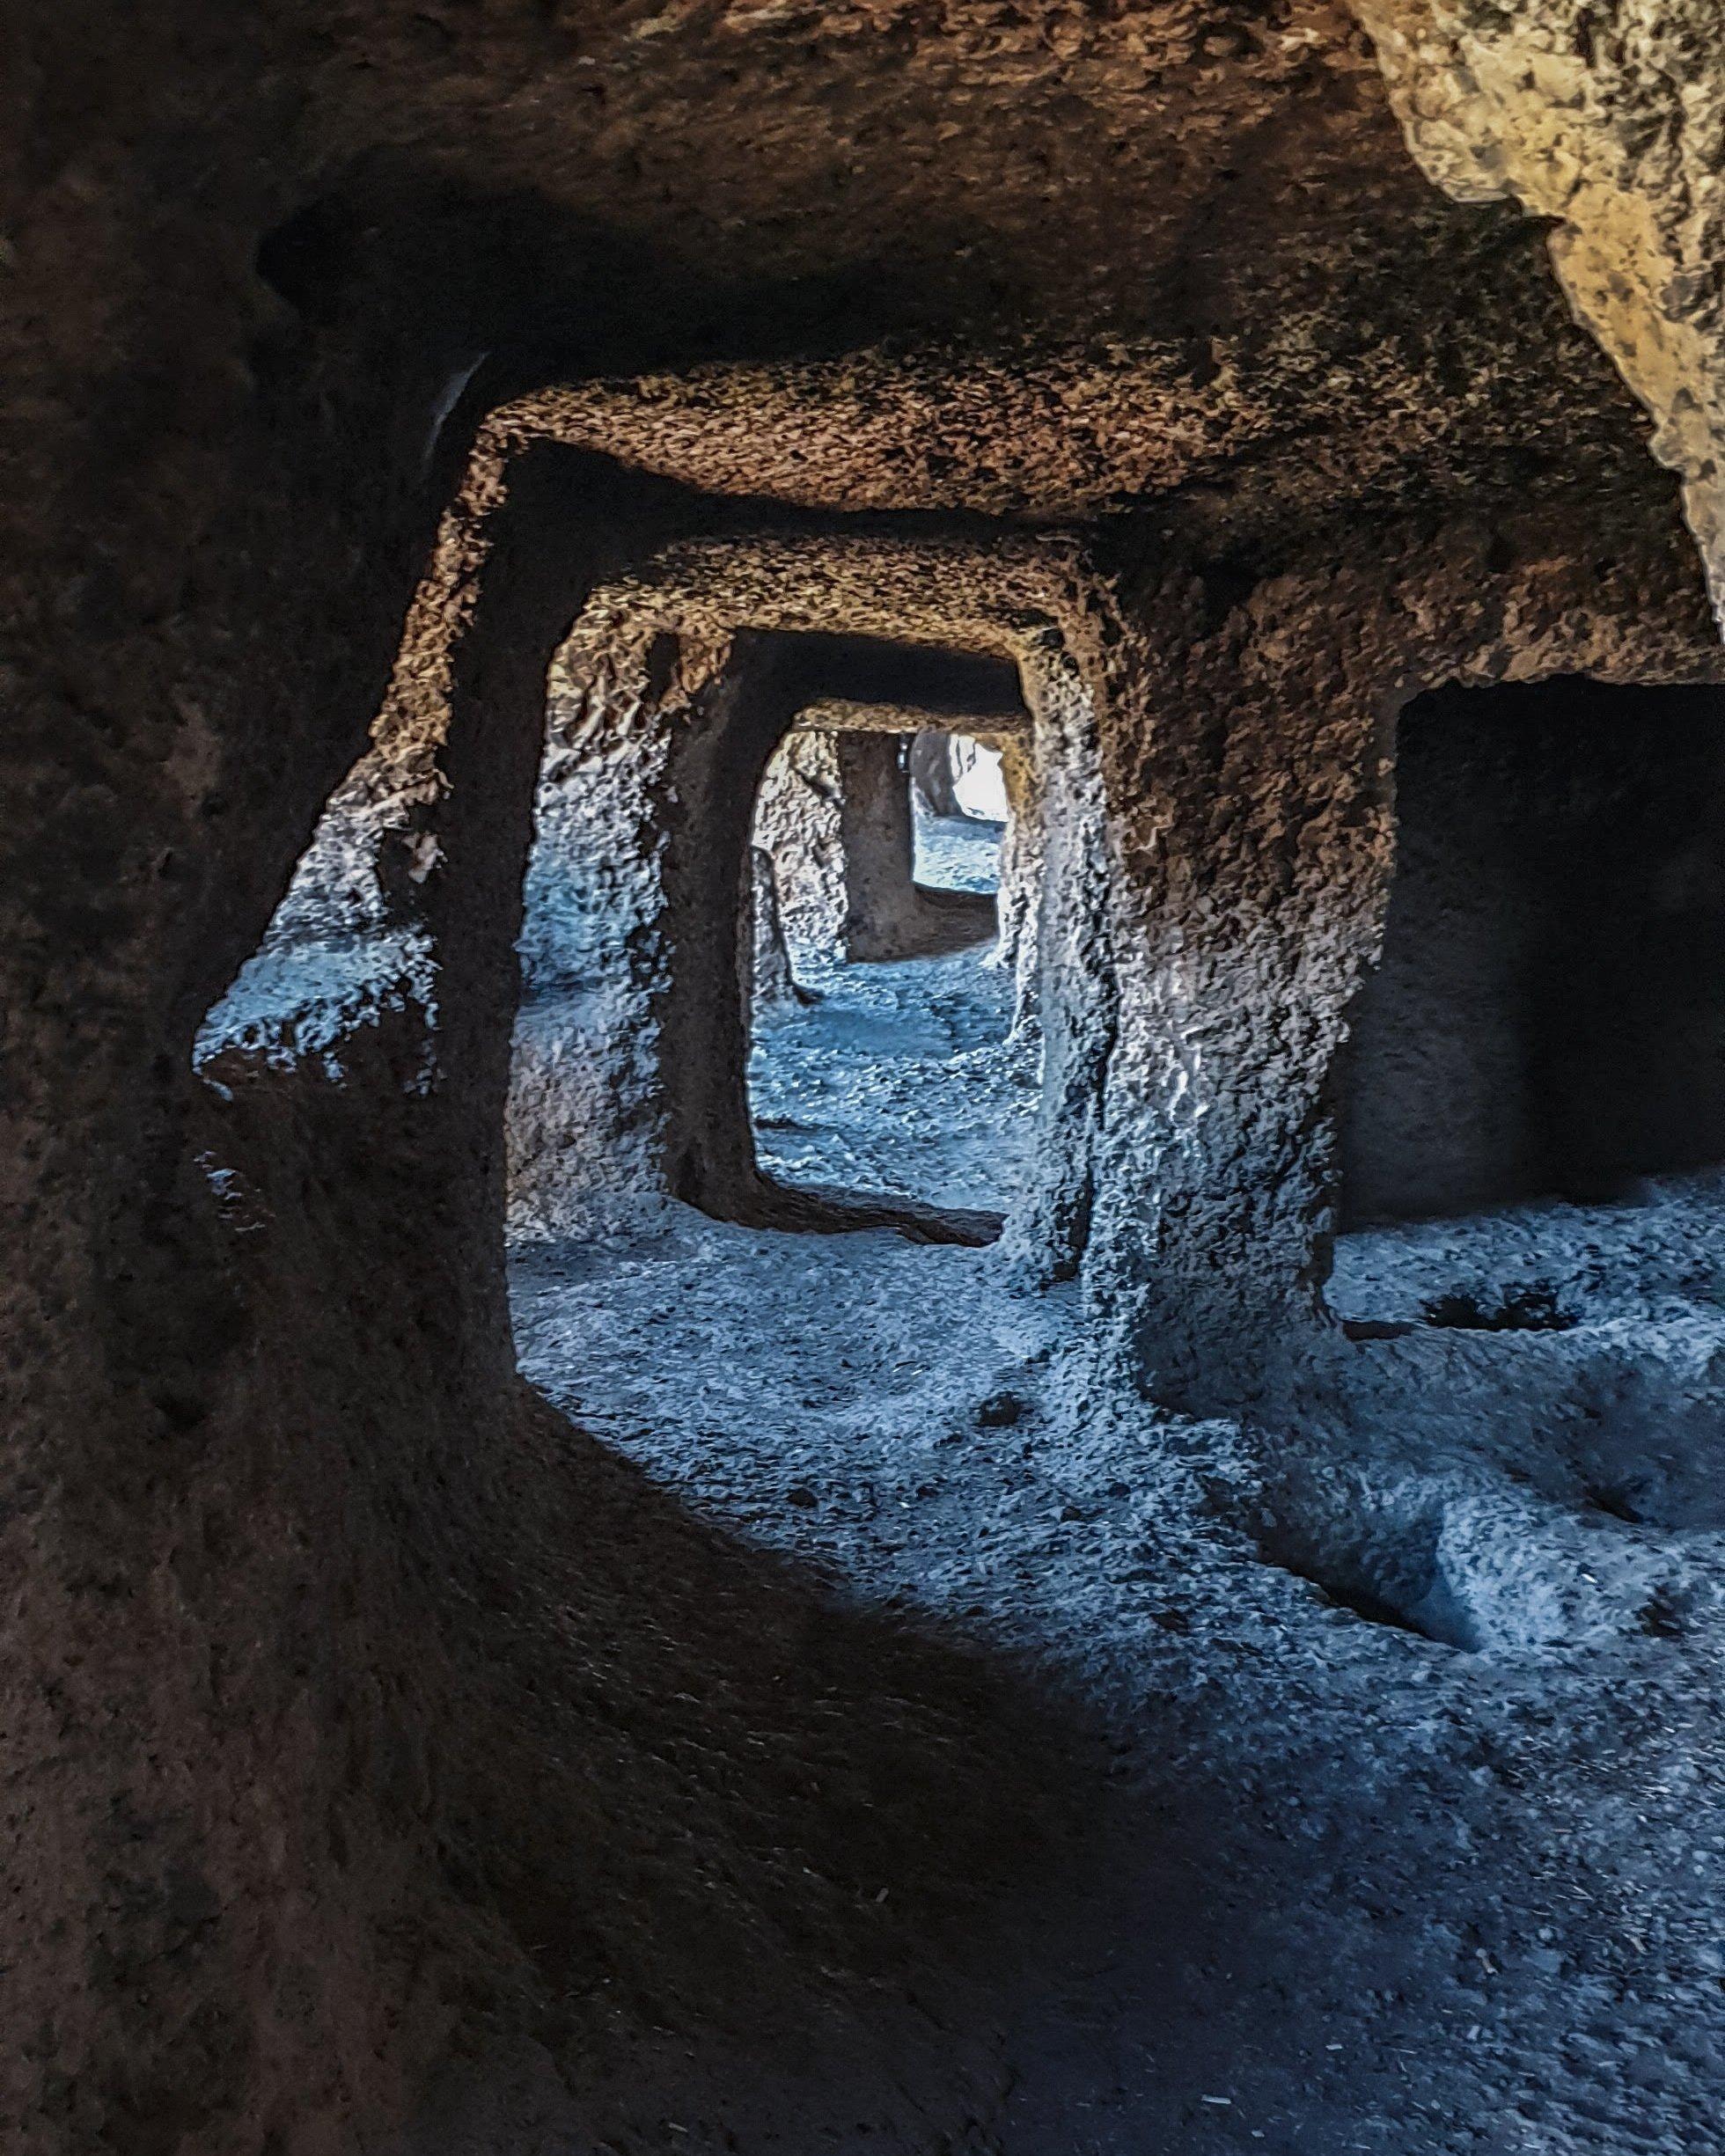 洞穴中的房间通过隧道相连。 (照片来自Argun Konuk)